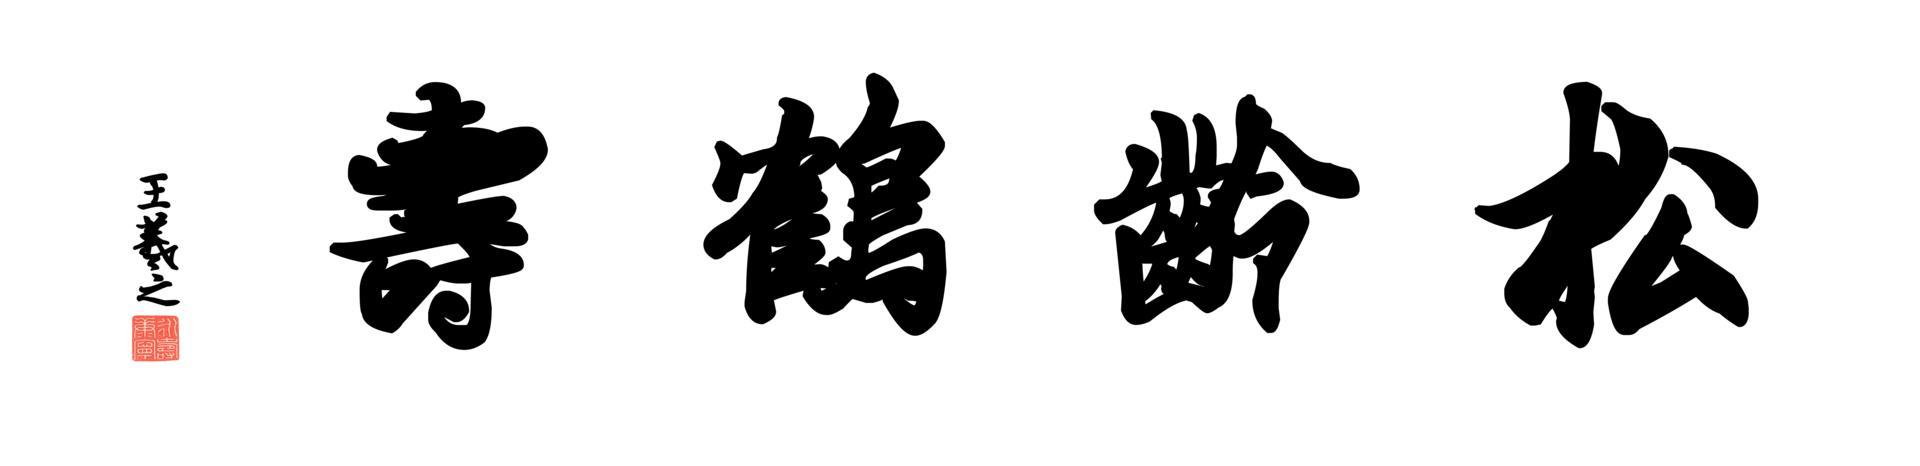 0174_王羲之兰亭体数字书法-四字横幅松龄鹤寿136x33cm_21417x5197PX_TIF_400DPI_326_0